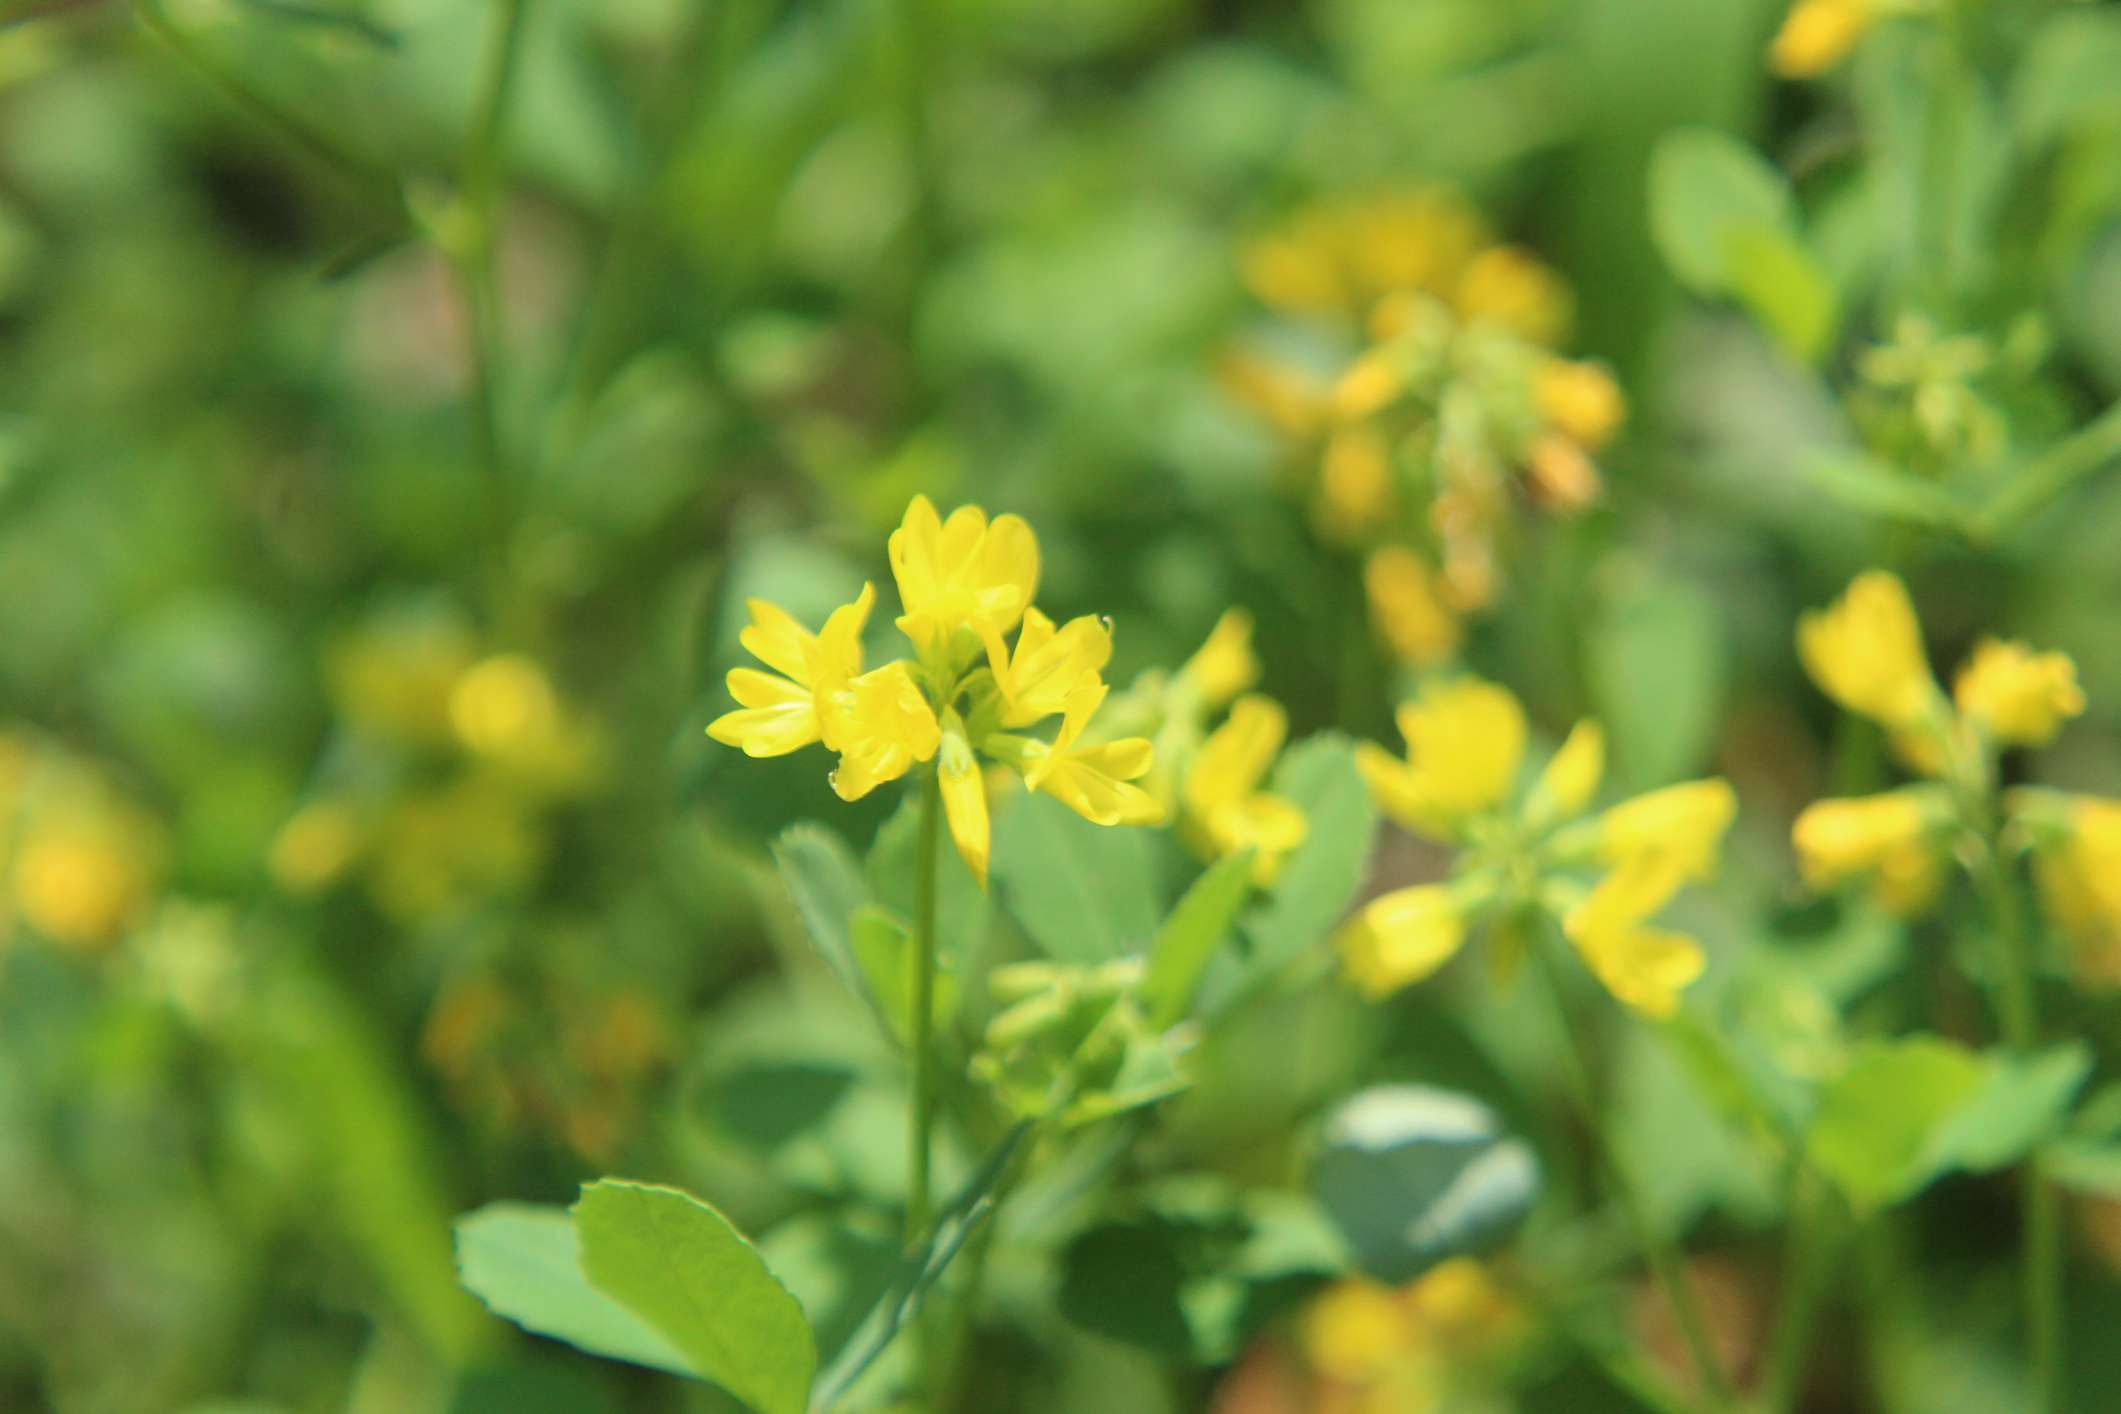 Fenugreek plants in bloom